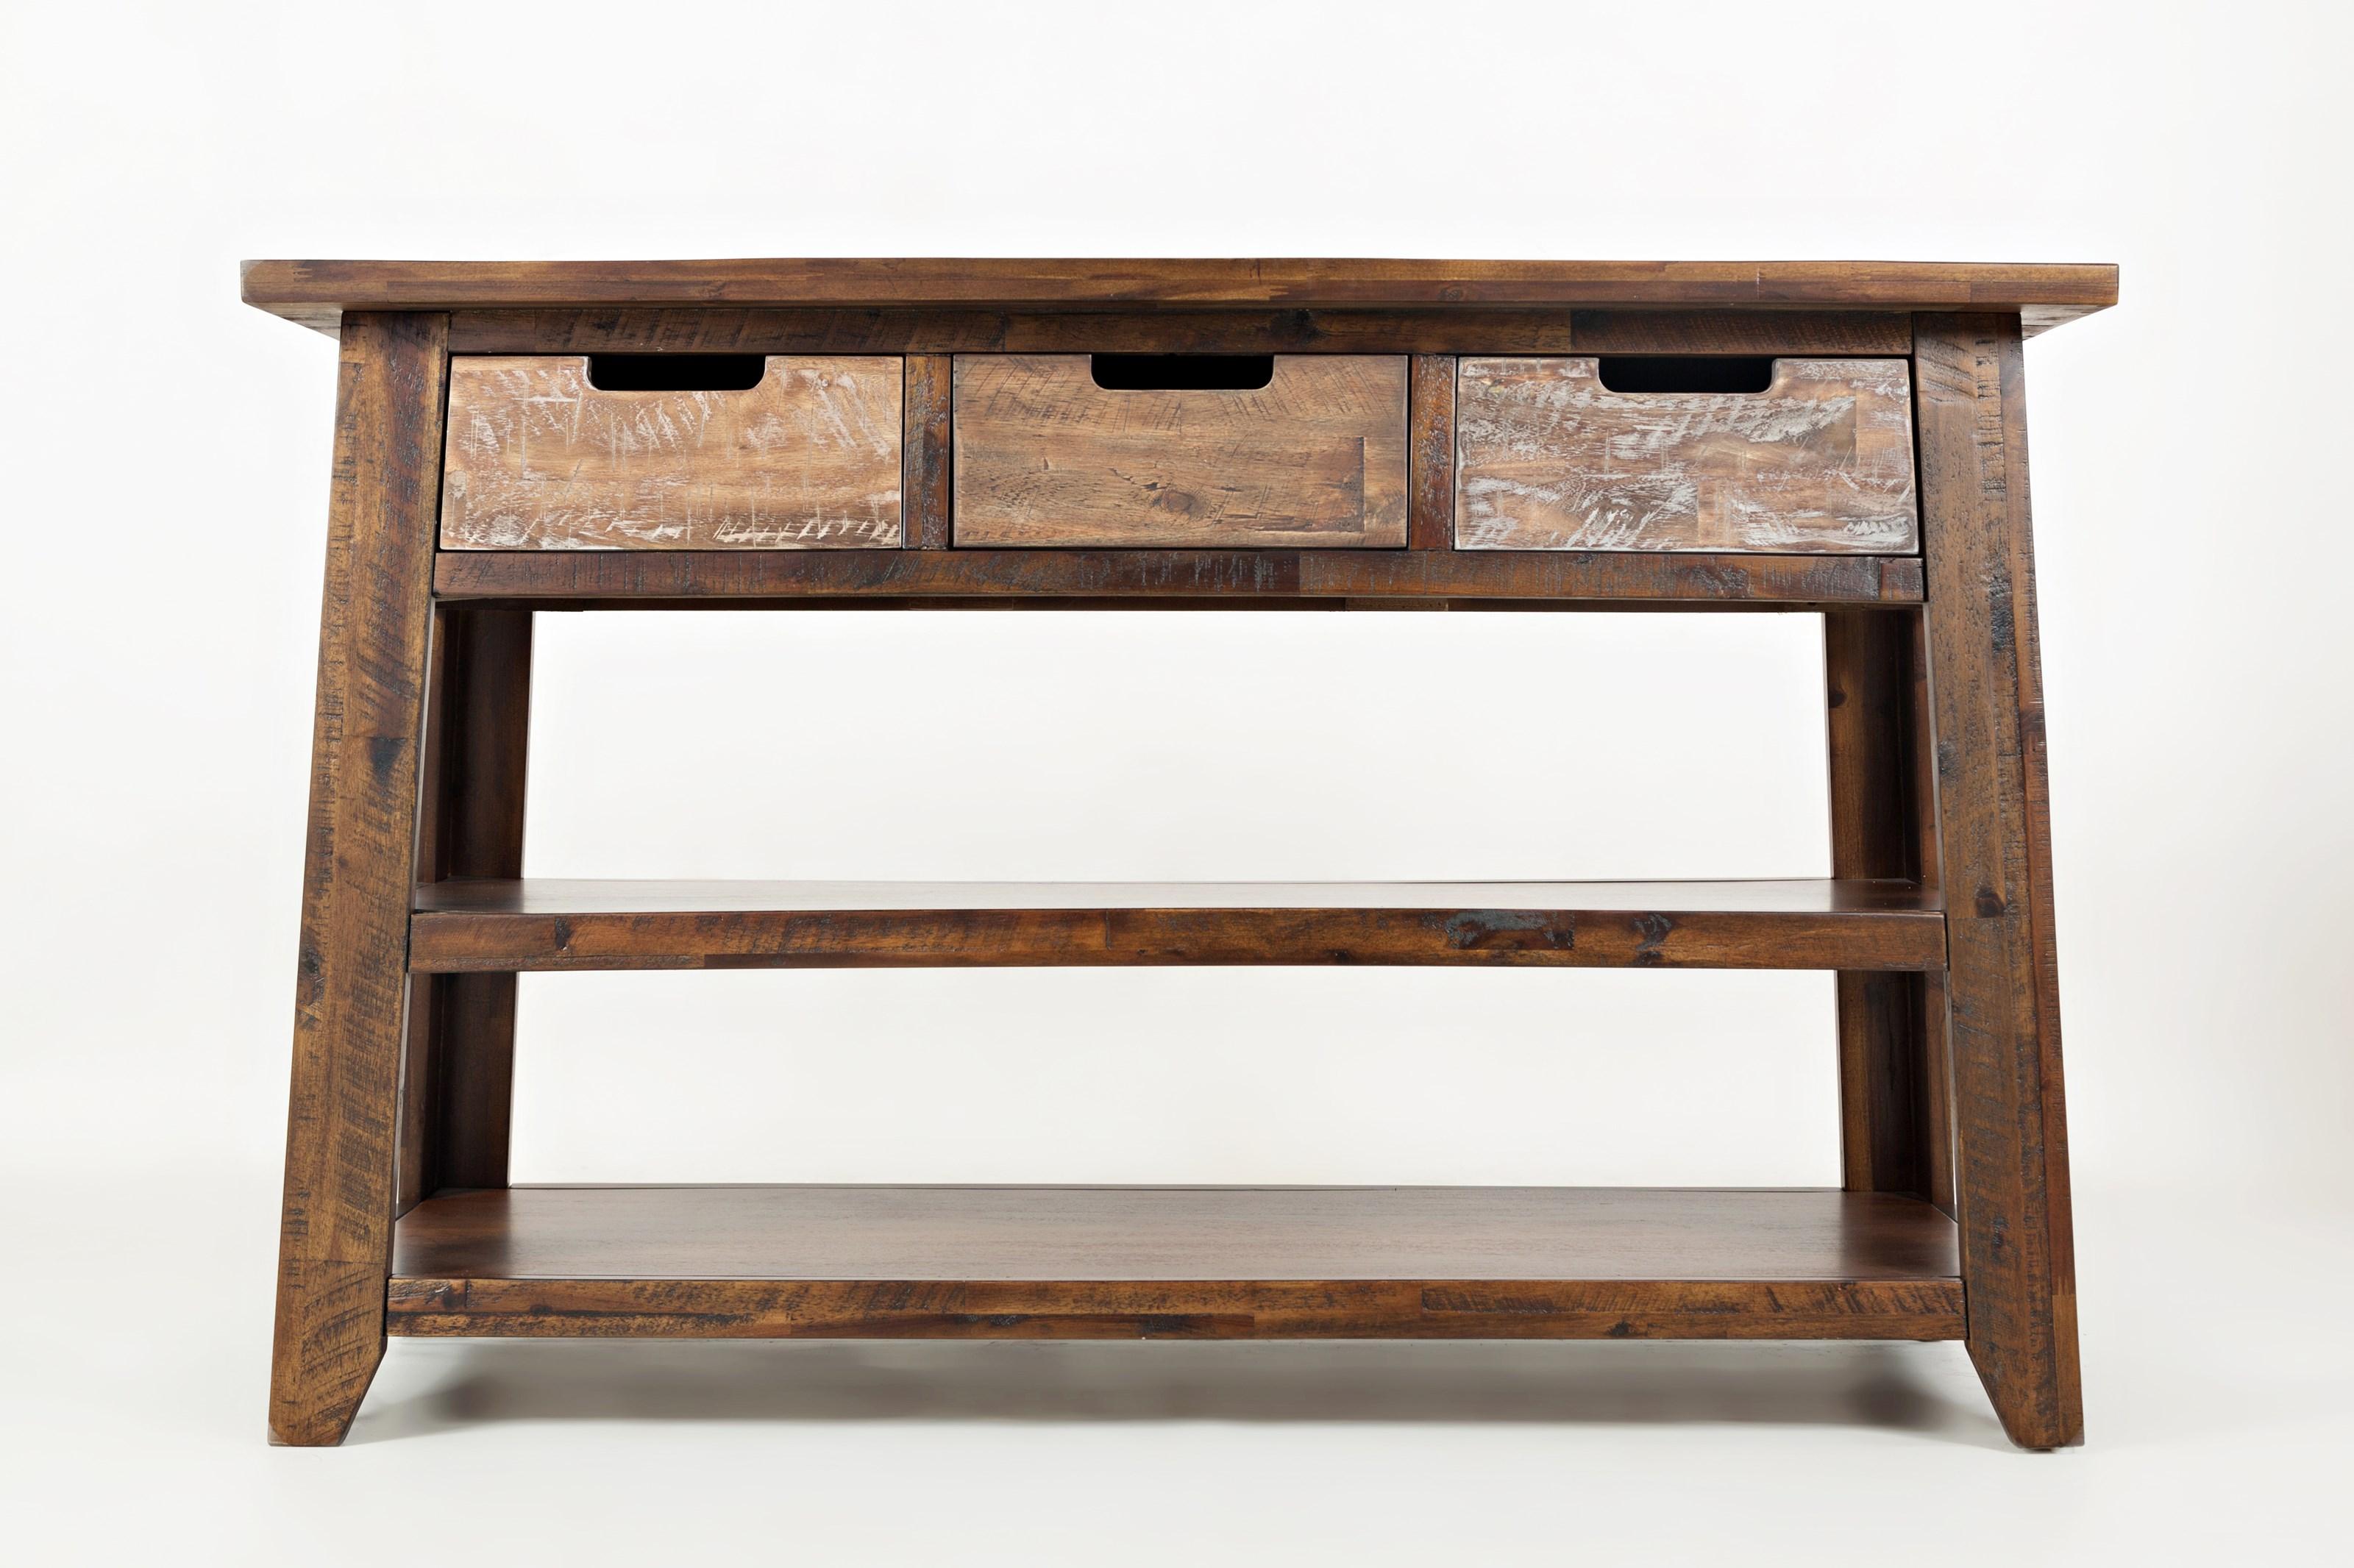 Painted Canyon Sofa Table by Jofran at HomeWorld Furniture